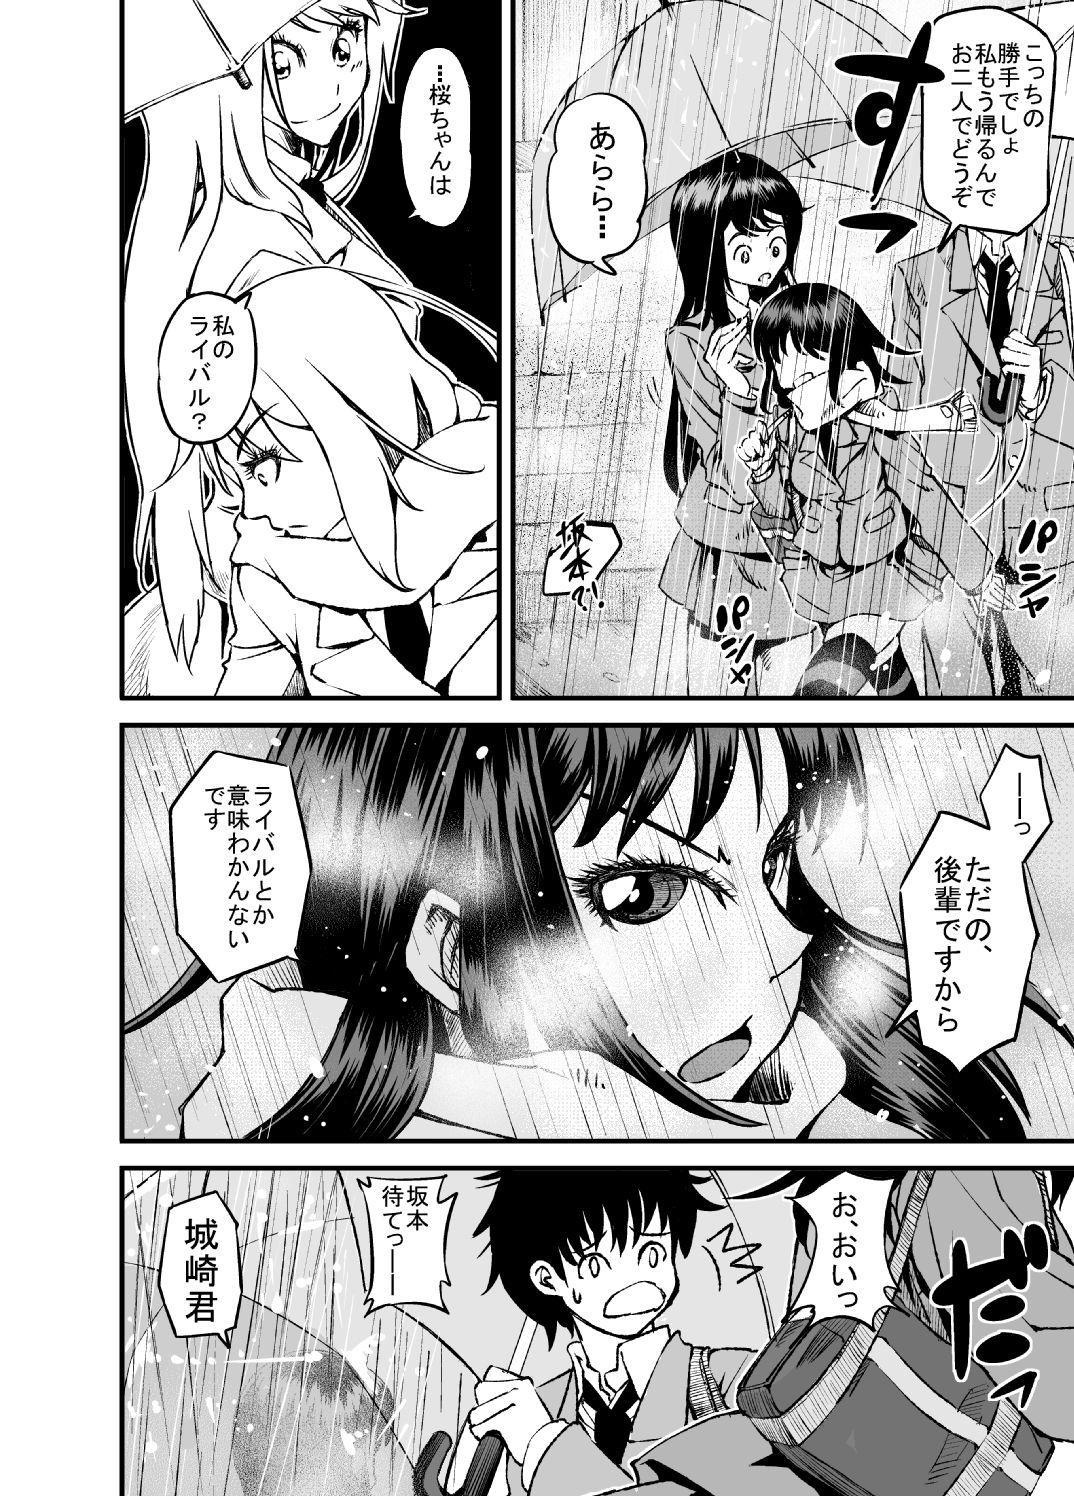 Ero Manga 4